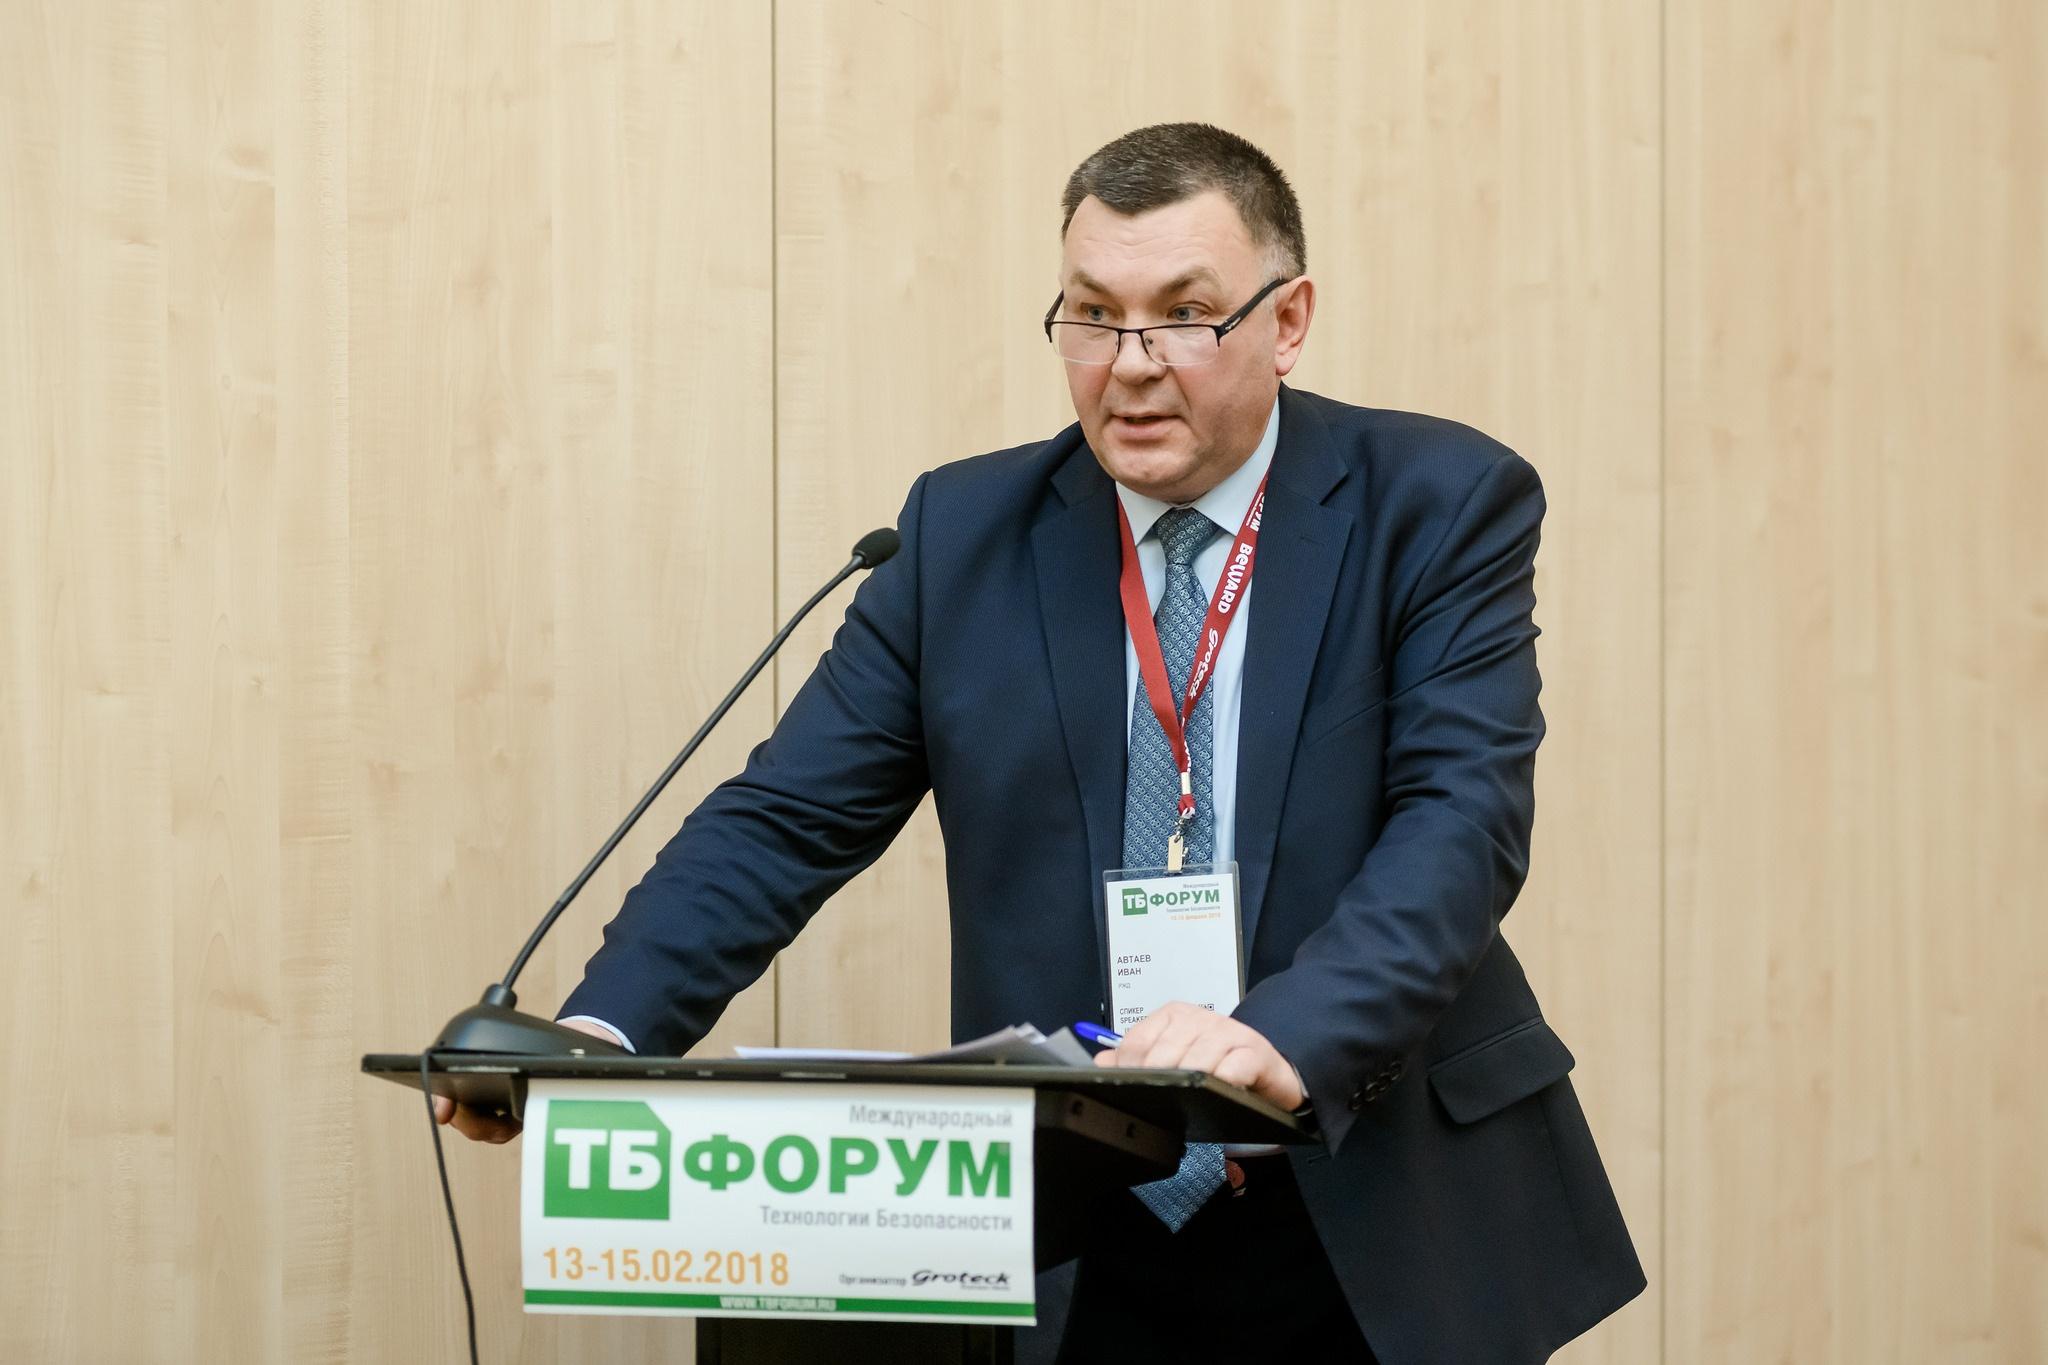 РЖД инвестирует в СКУД, пожарную безопасность и видеонаблюдение свыше 100 млн рублей